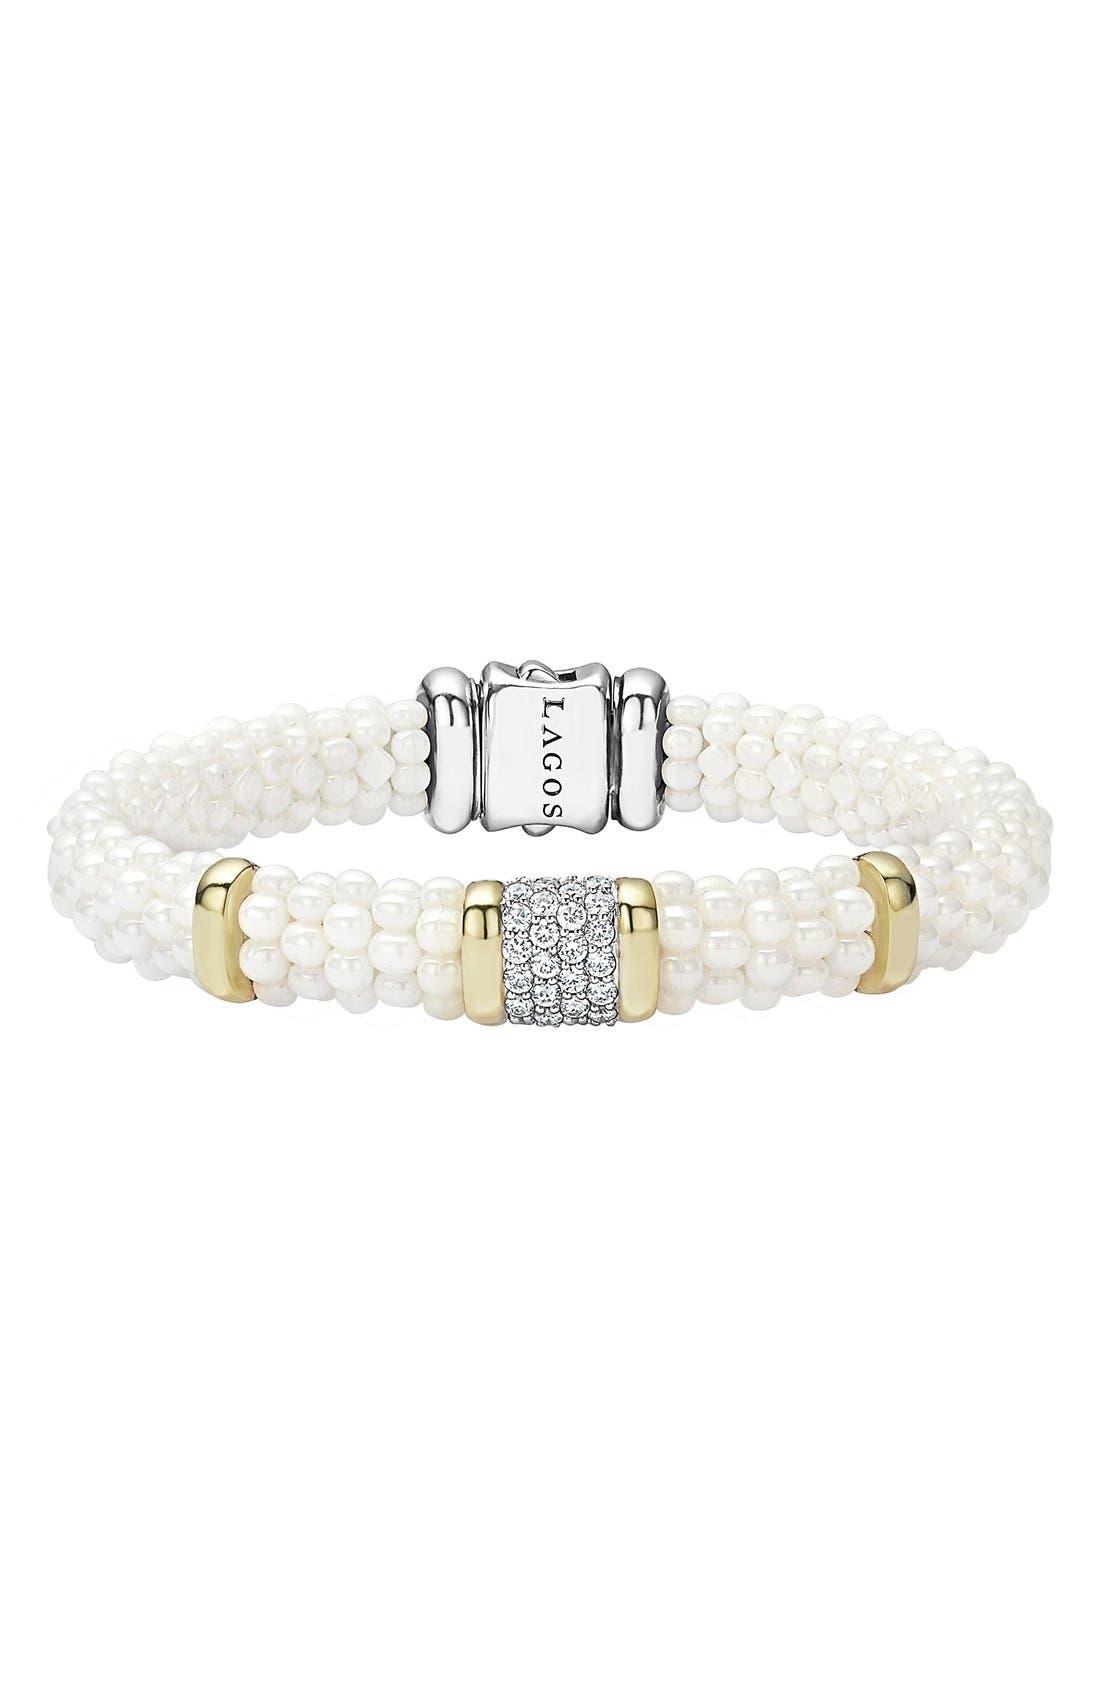 Alternate Image 1 Selected - LAGOS 'White Caviar' Diamond Rope Bracelet